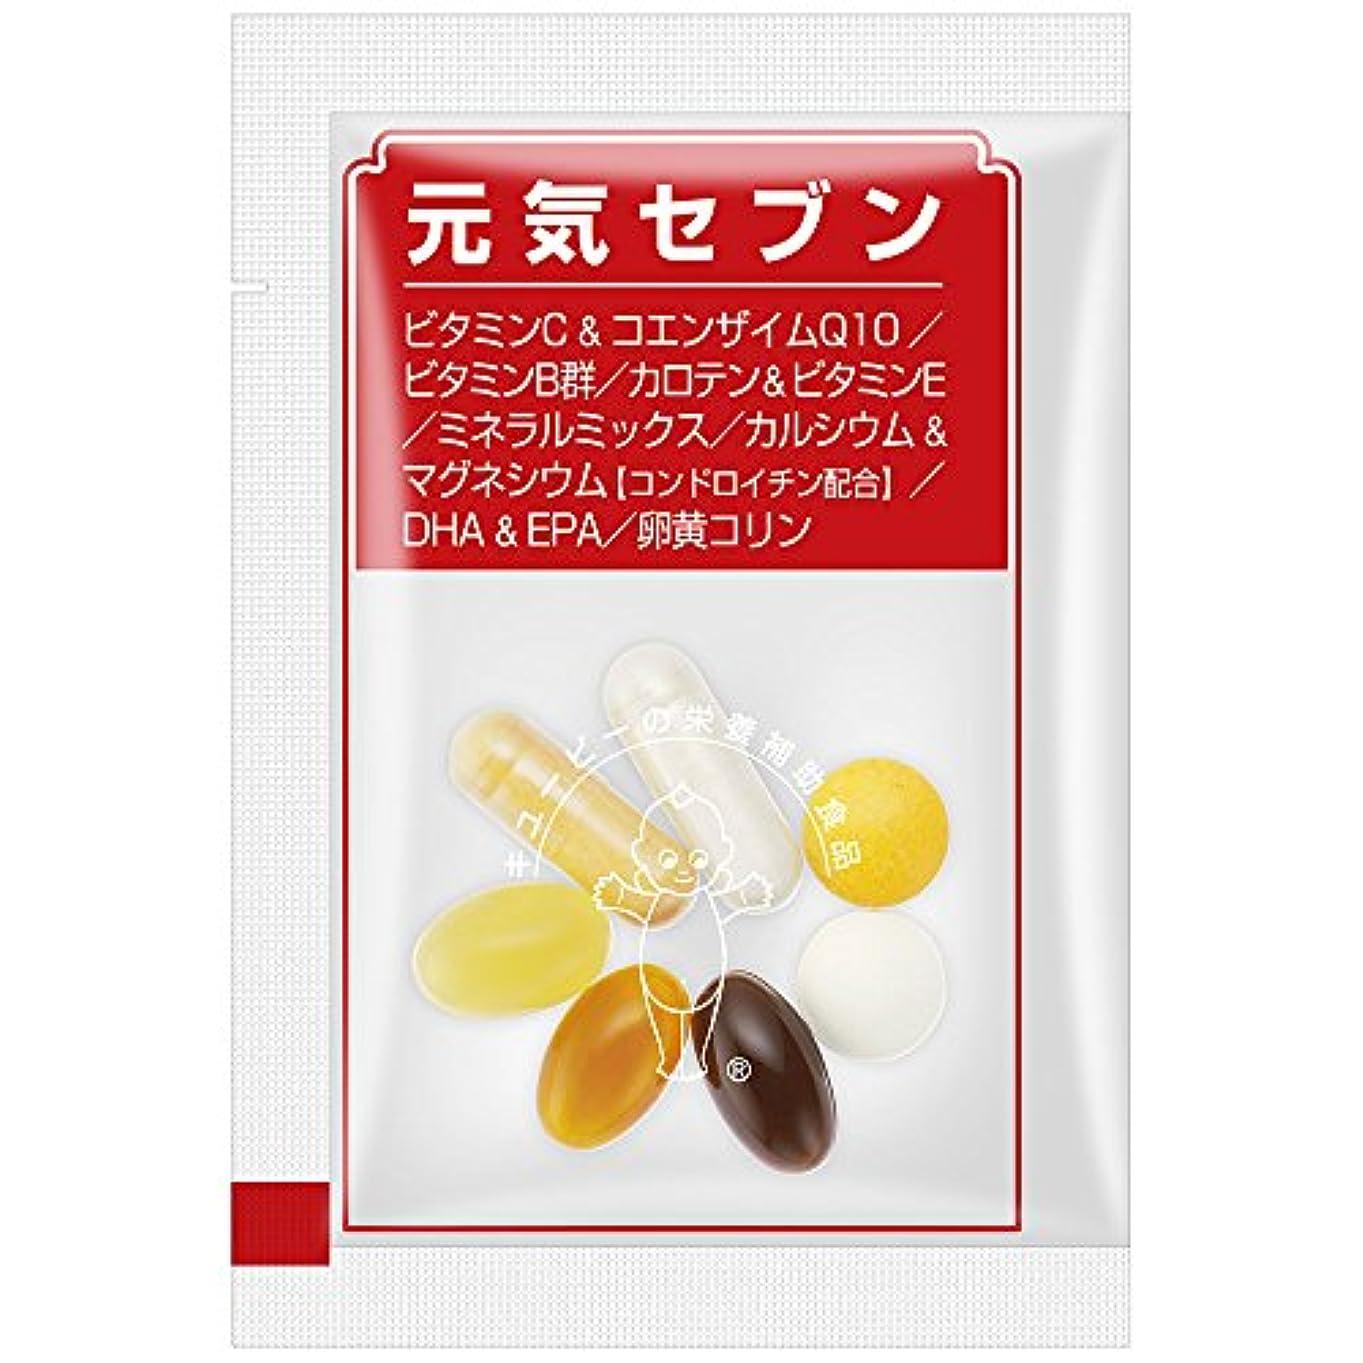 予防接種する振動させる収穫キユーピー 元気セブン 30日分 マルチビタミン マルチミネラル DHA EPA コエンザイム 配合